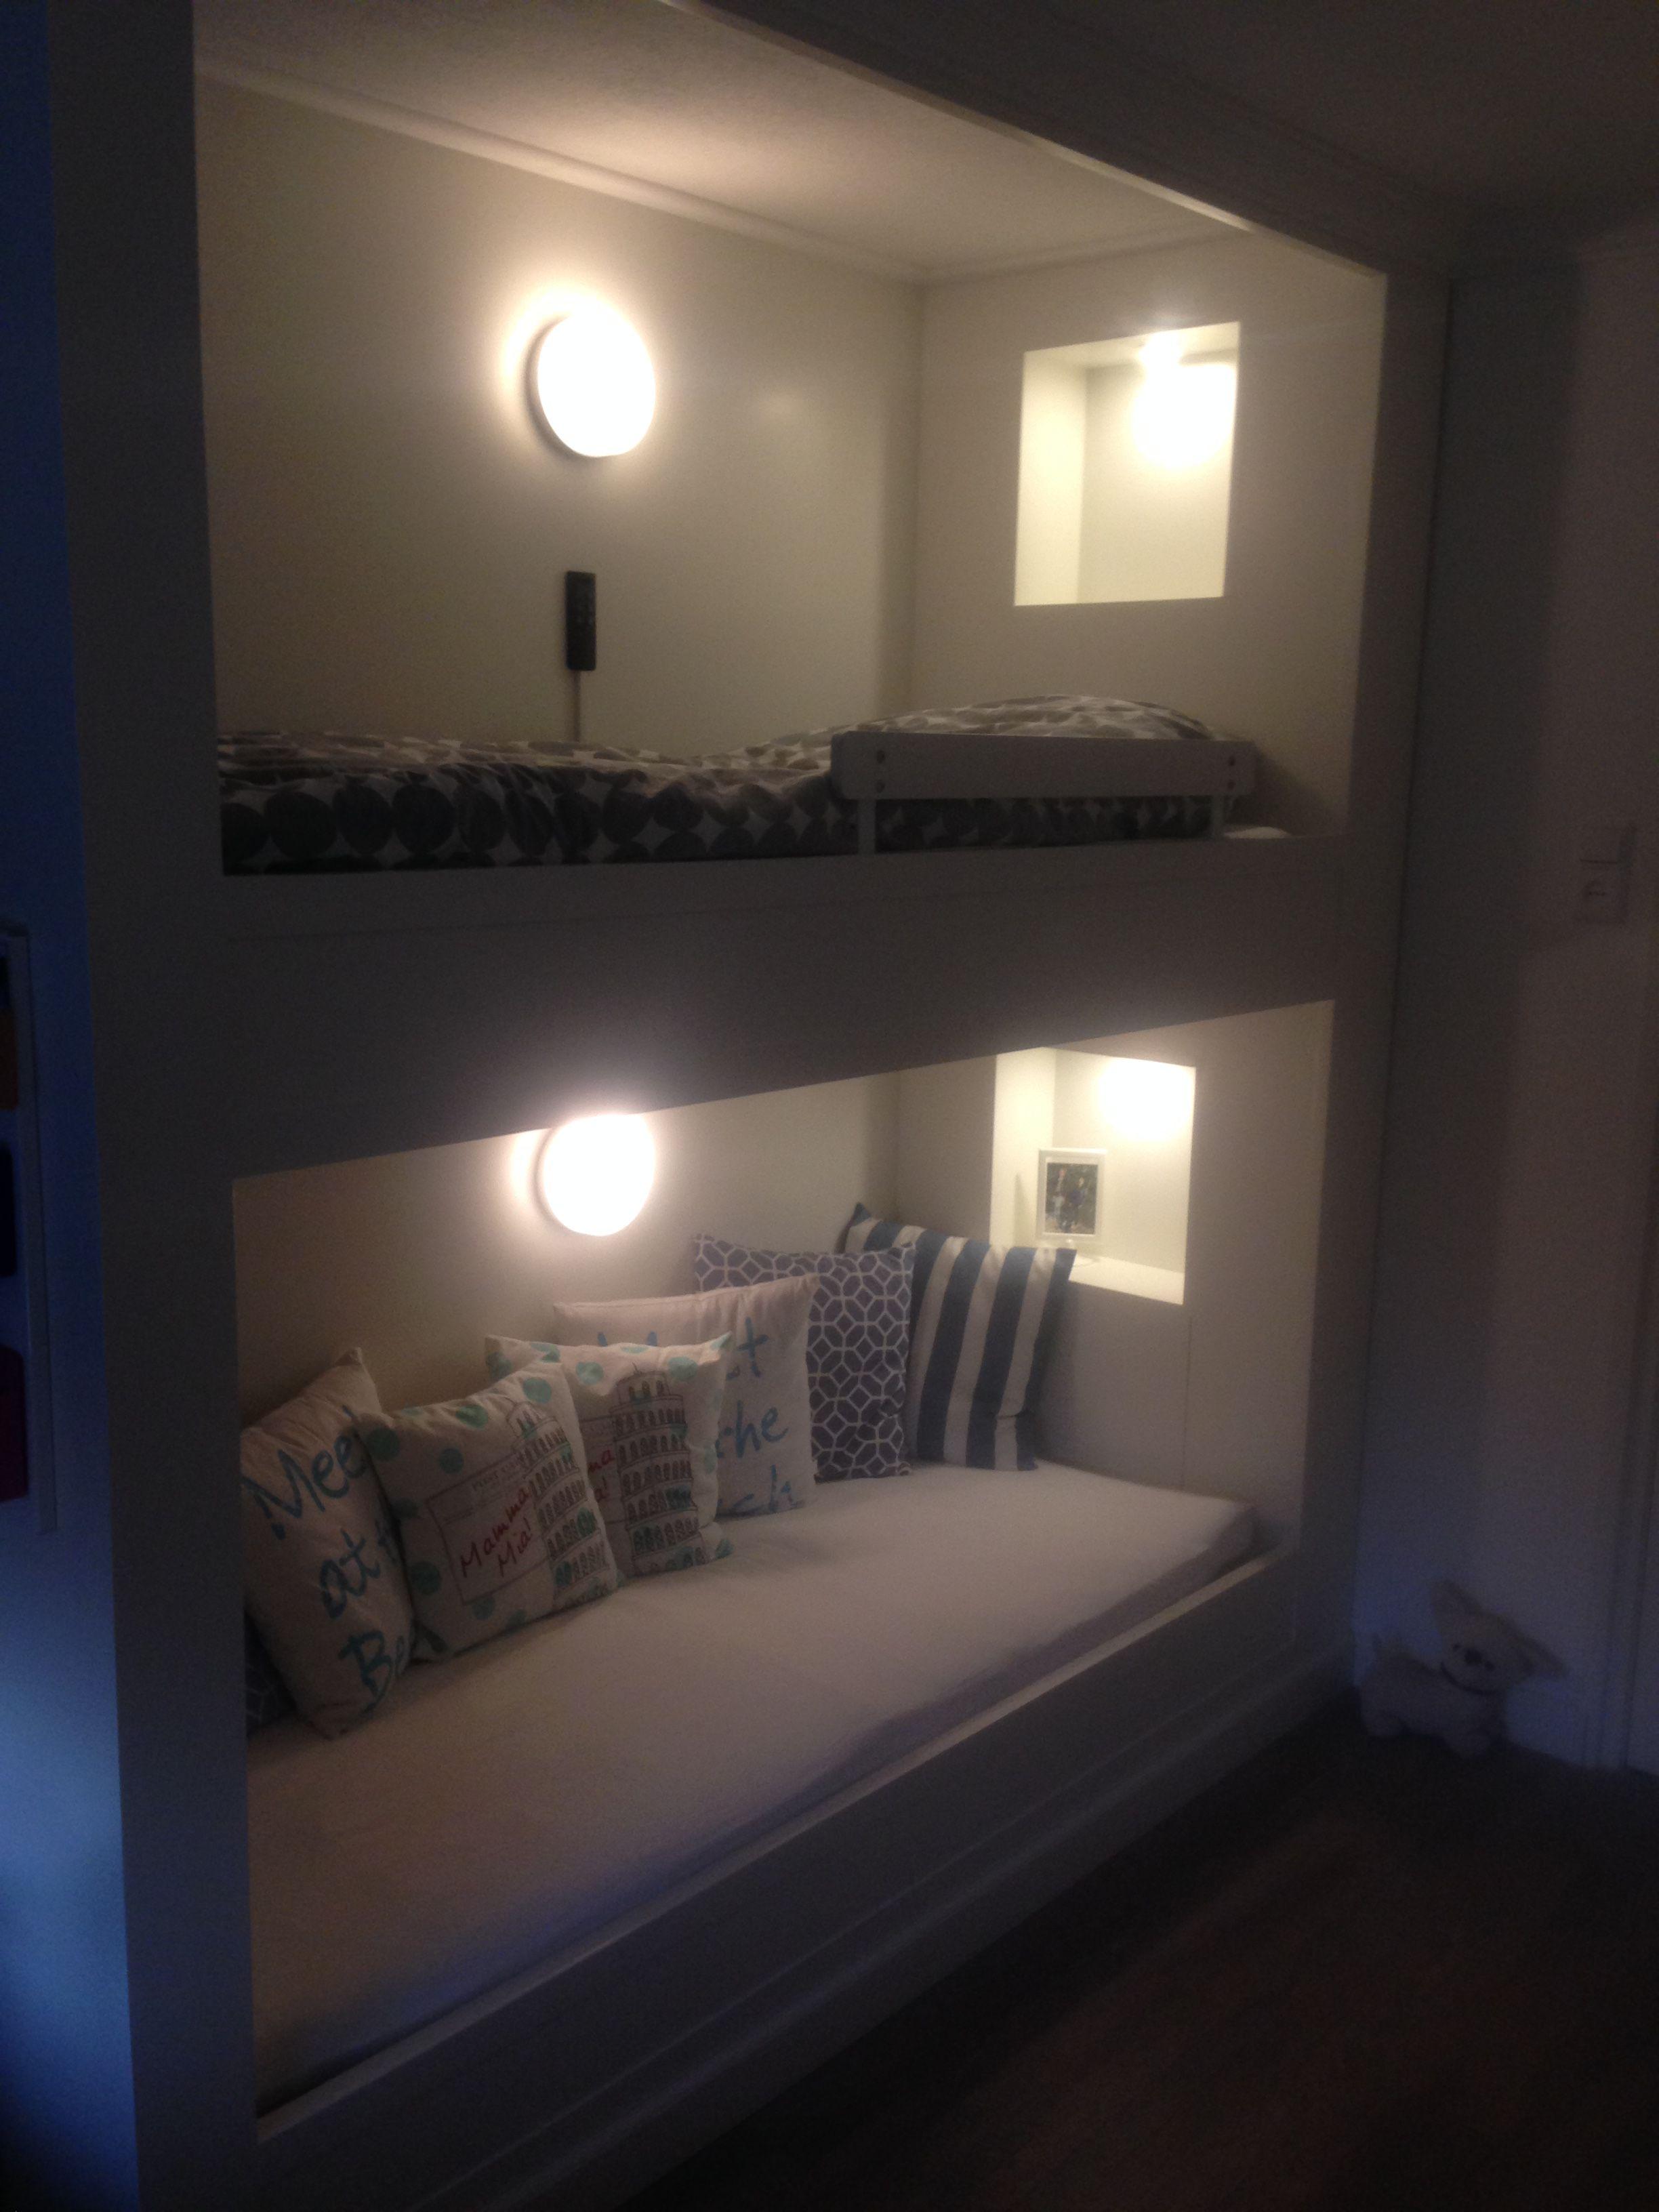 Stapelbed bunkbed 80x200 met verlichte koof bovenbed heeft een elektrisch verstelbare - Scheiden een kamer door een gordijn ...